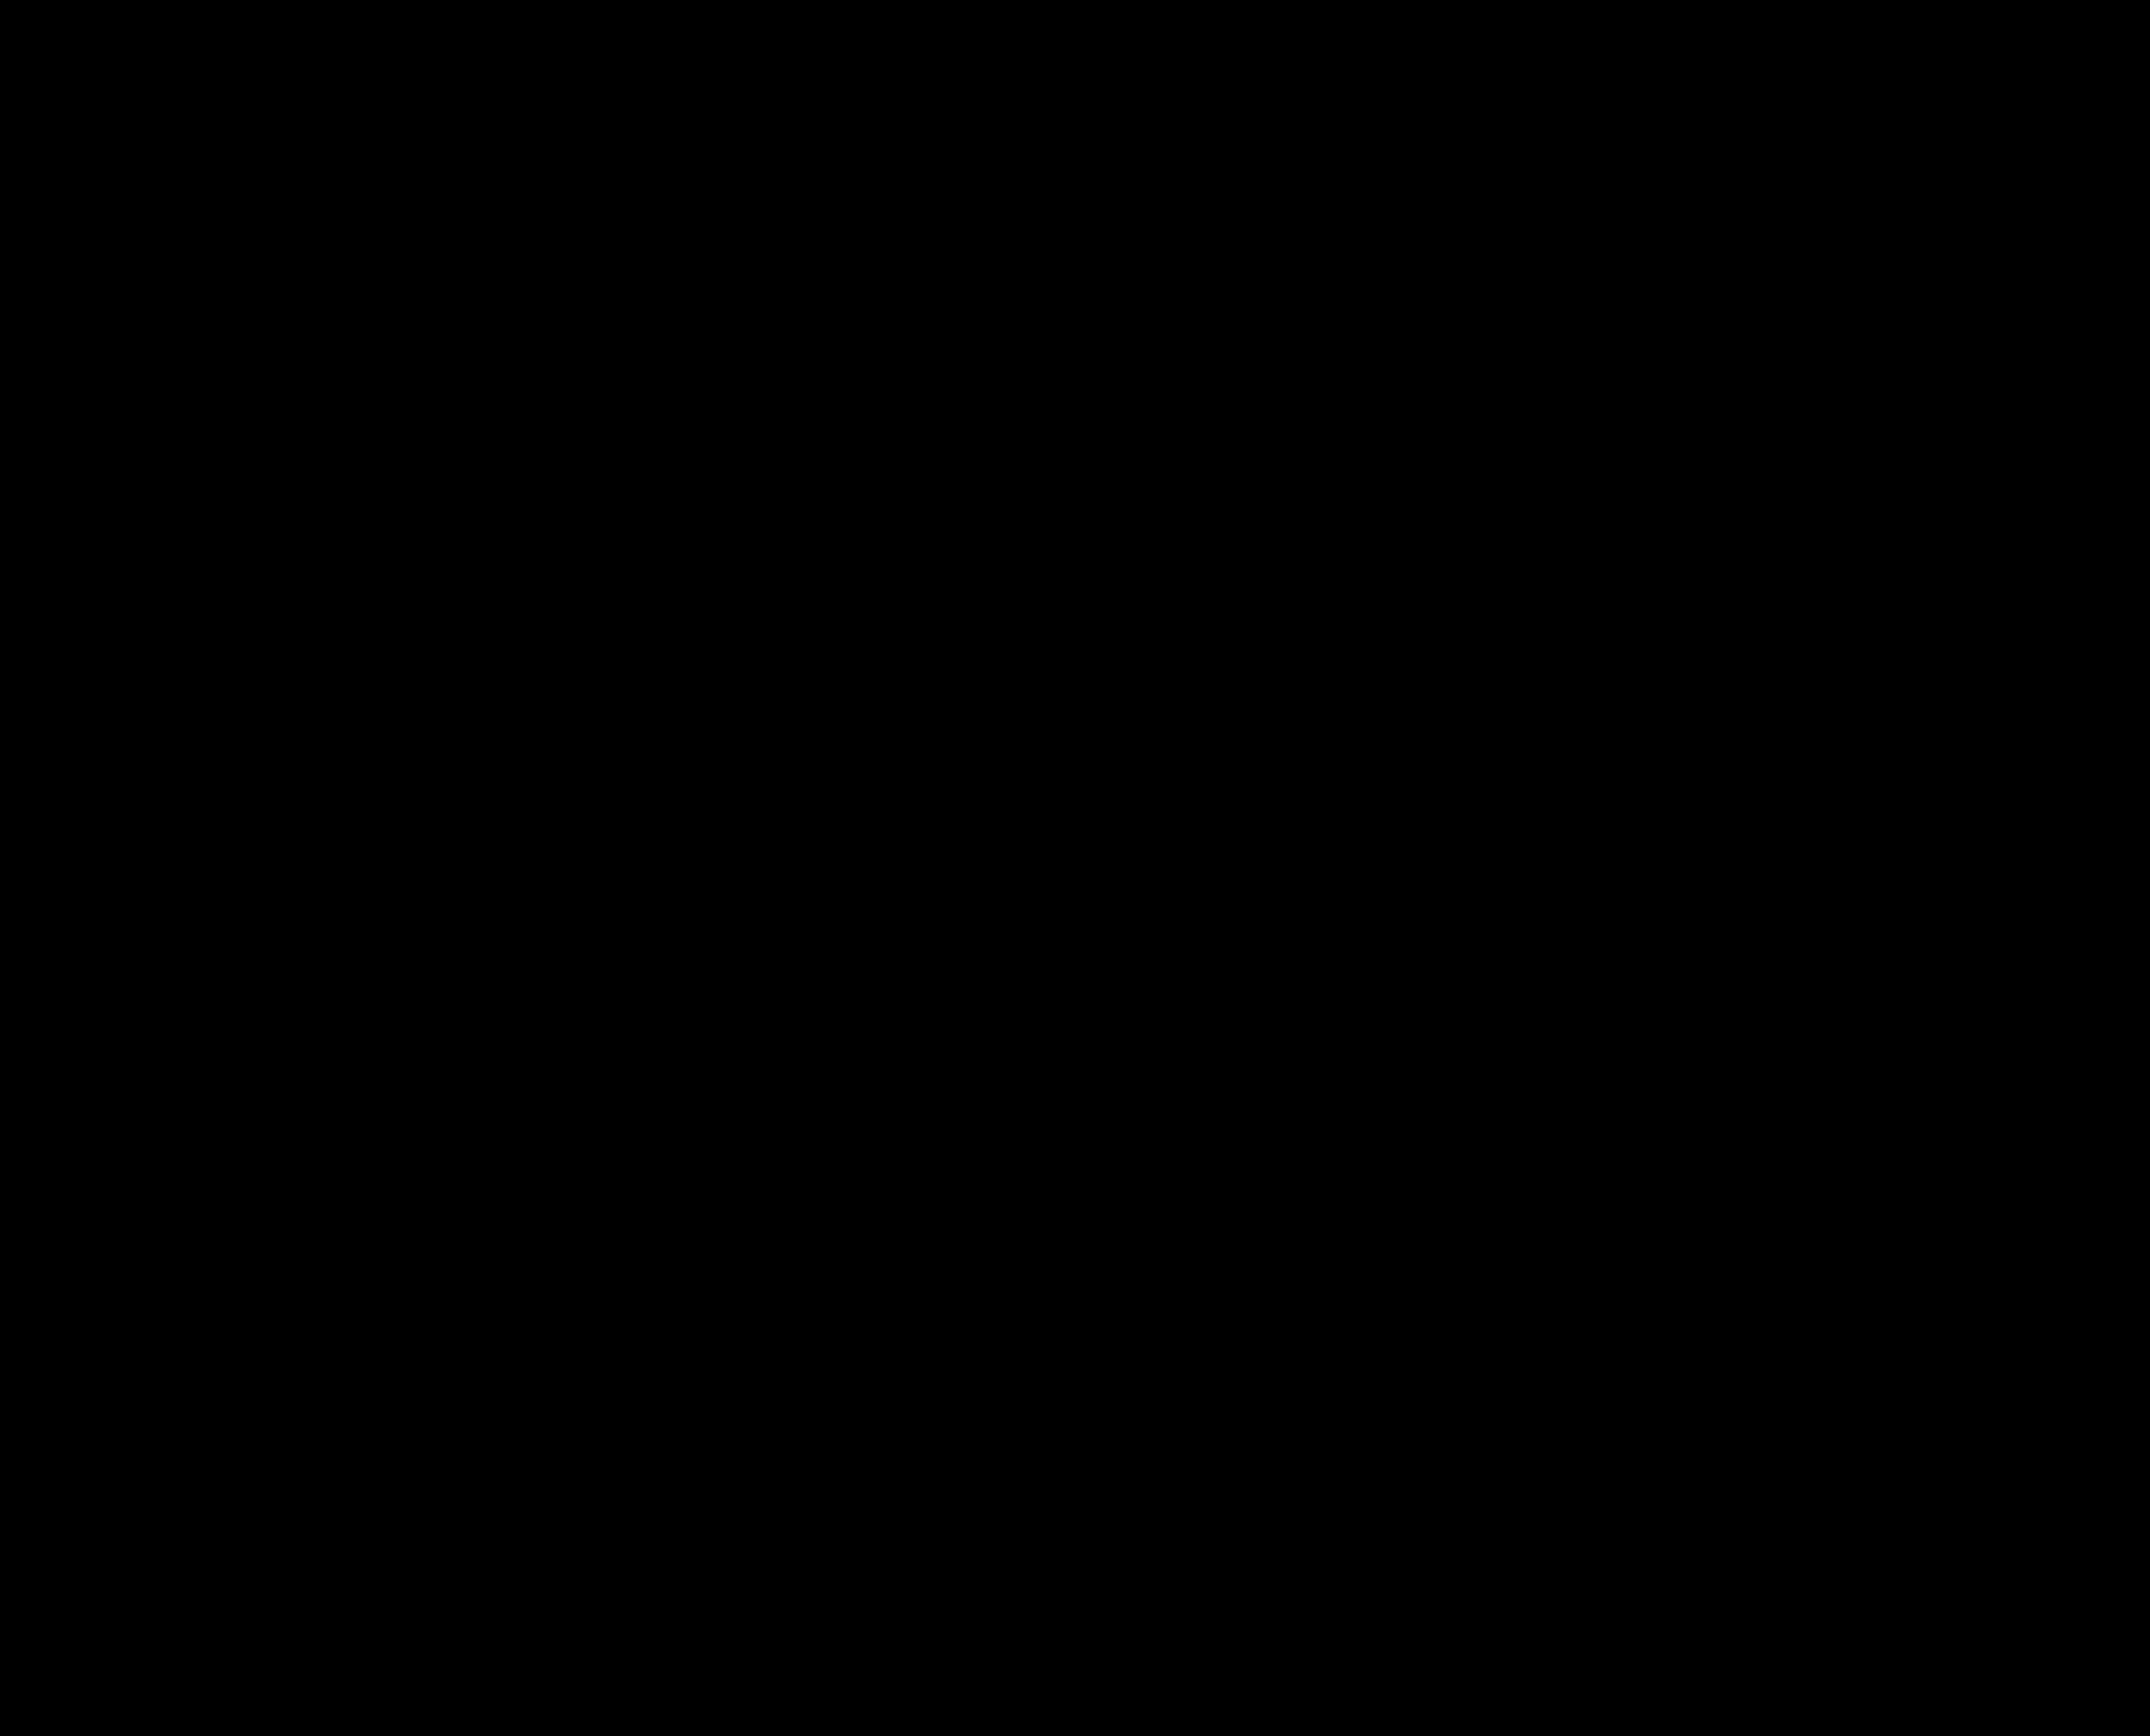 image Mandolin Drawing at GetDrawings